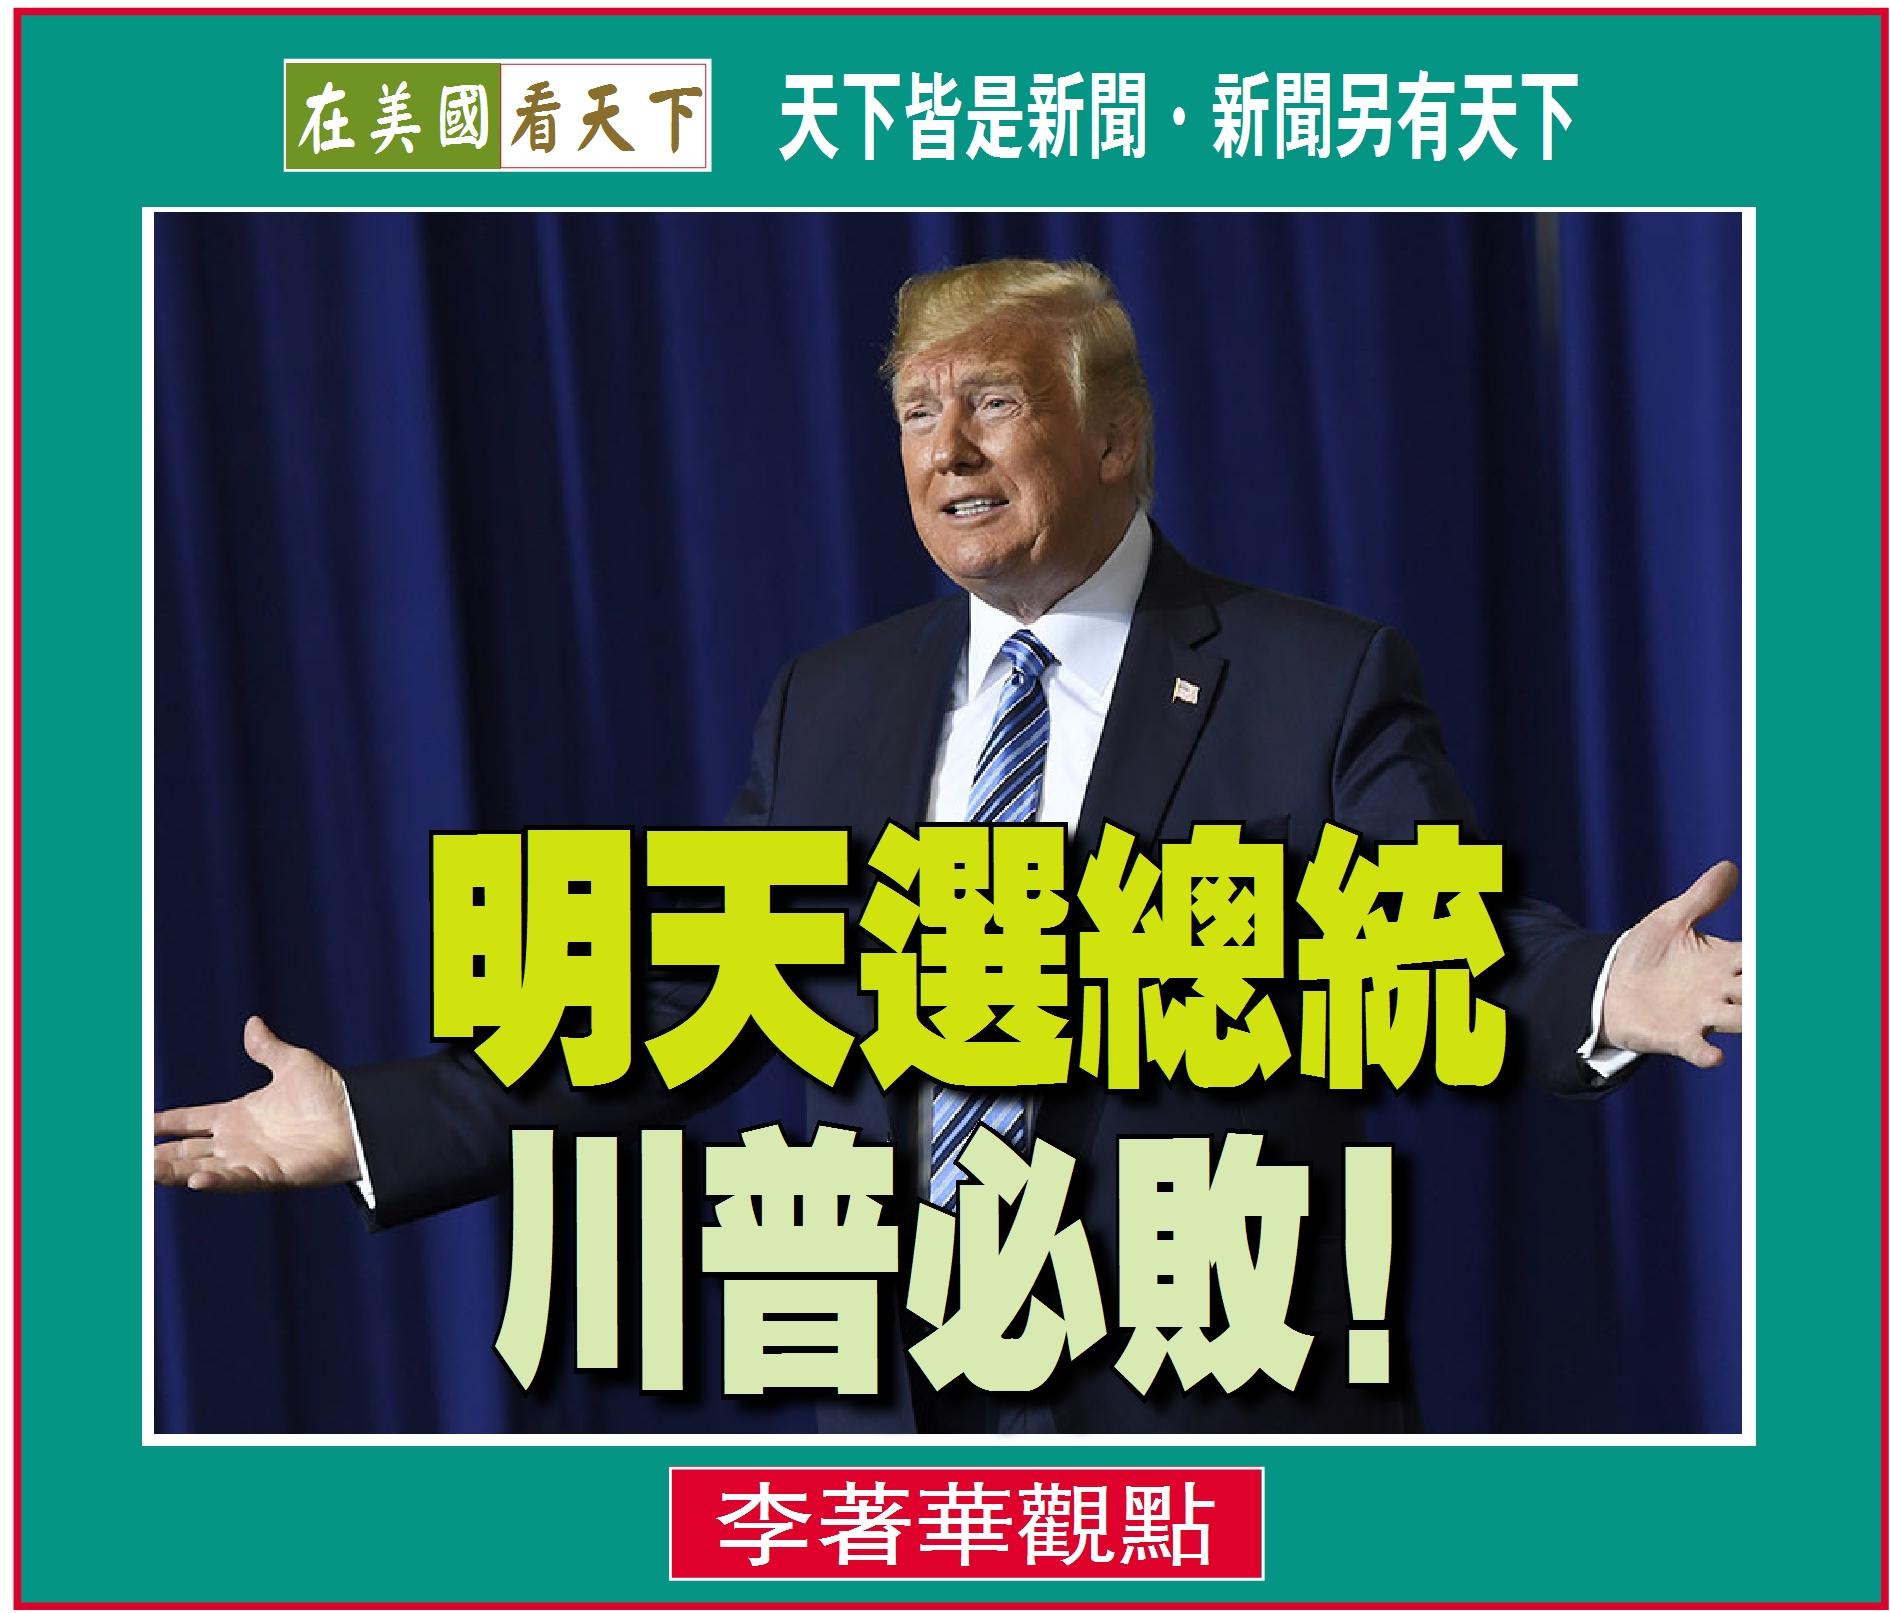 090719-明天選總統,川普必敗!-1.jpg